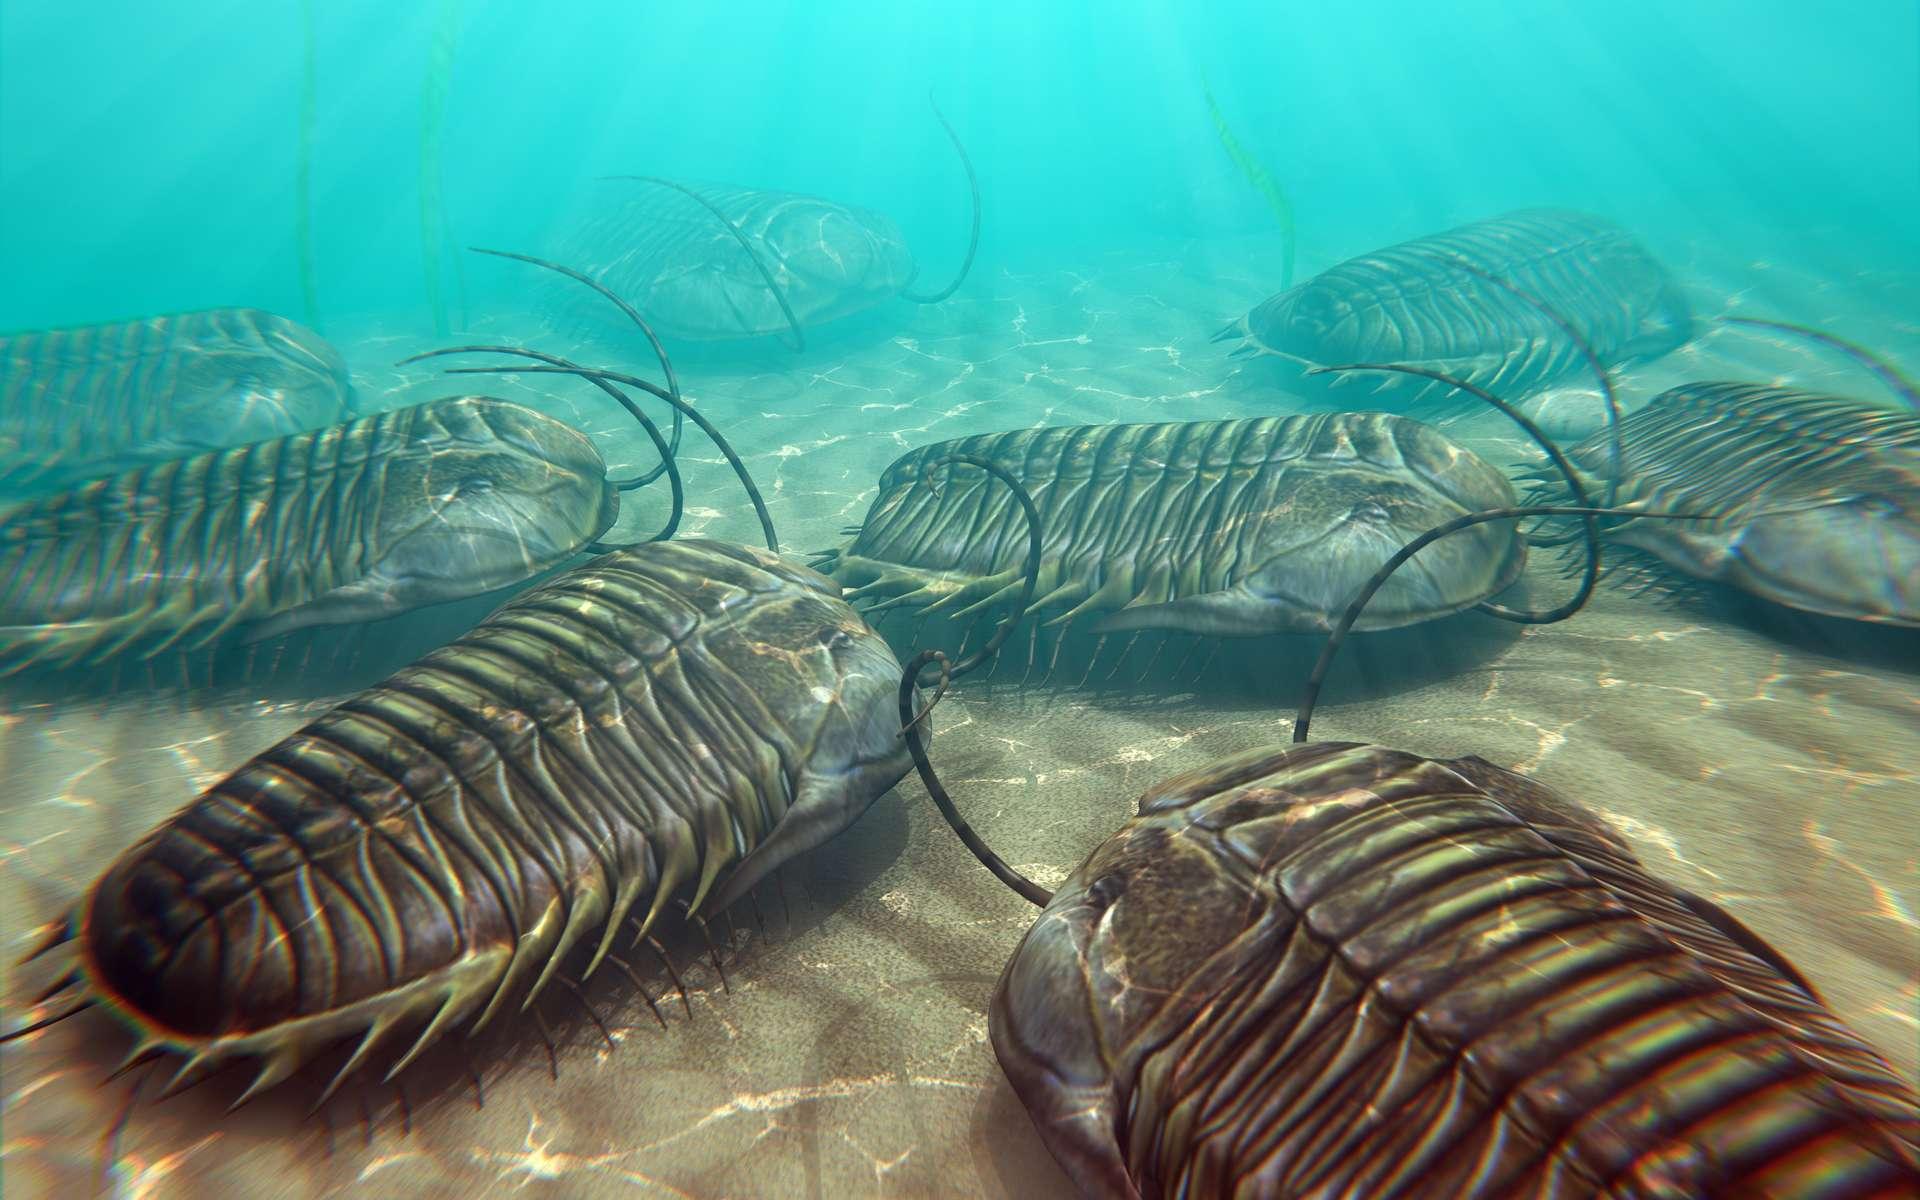 Les trilobites ont peuplé les mers pendant plus de 20 millions d'années avant leur extinction, à la fin du Permien. © auntspray, Adobe Stock